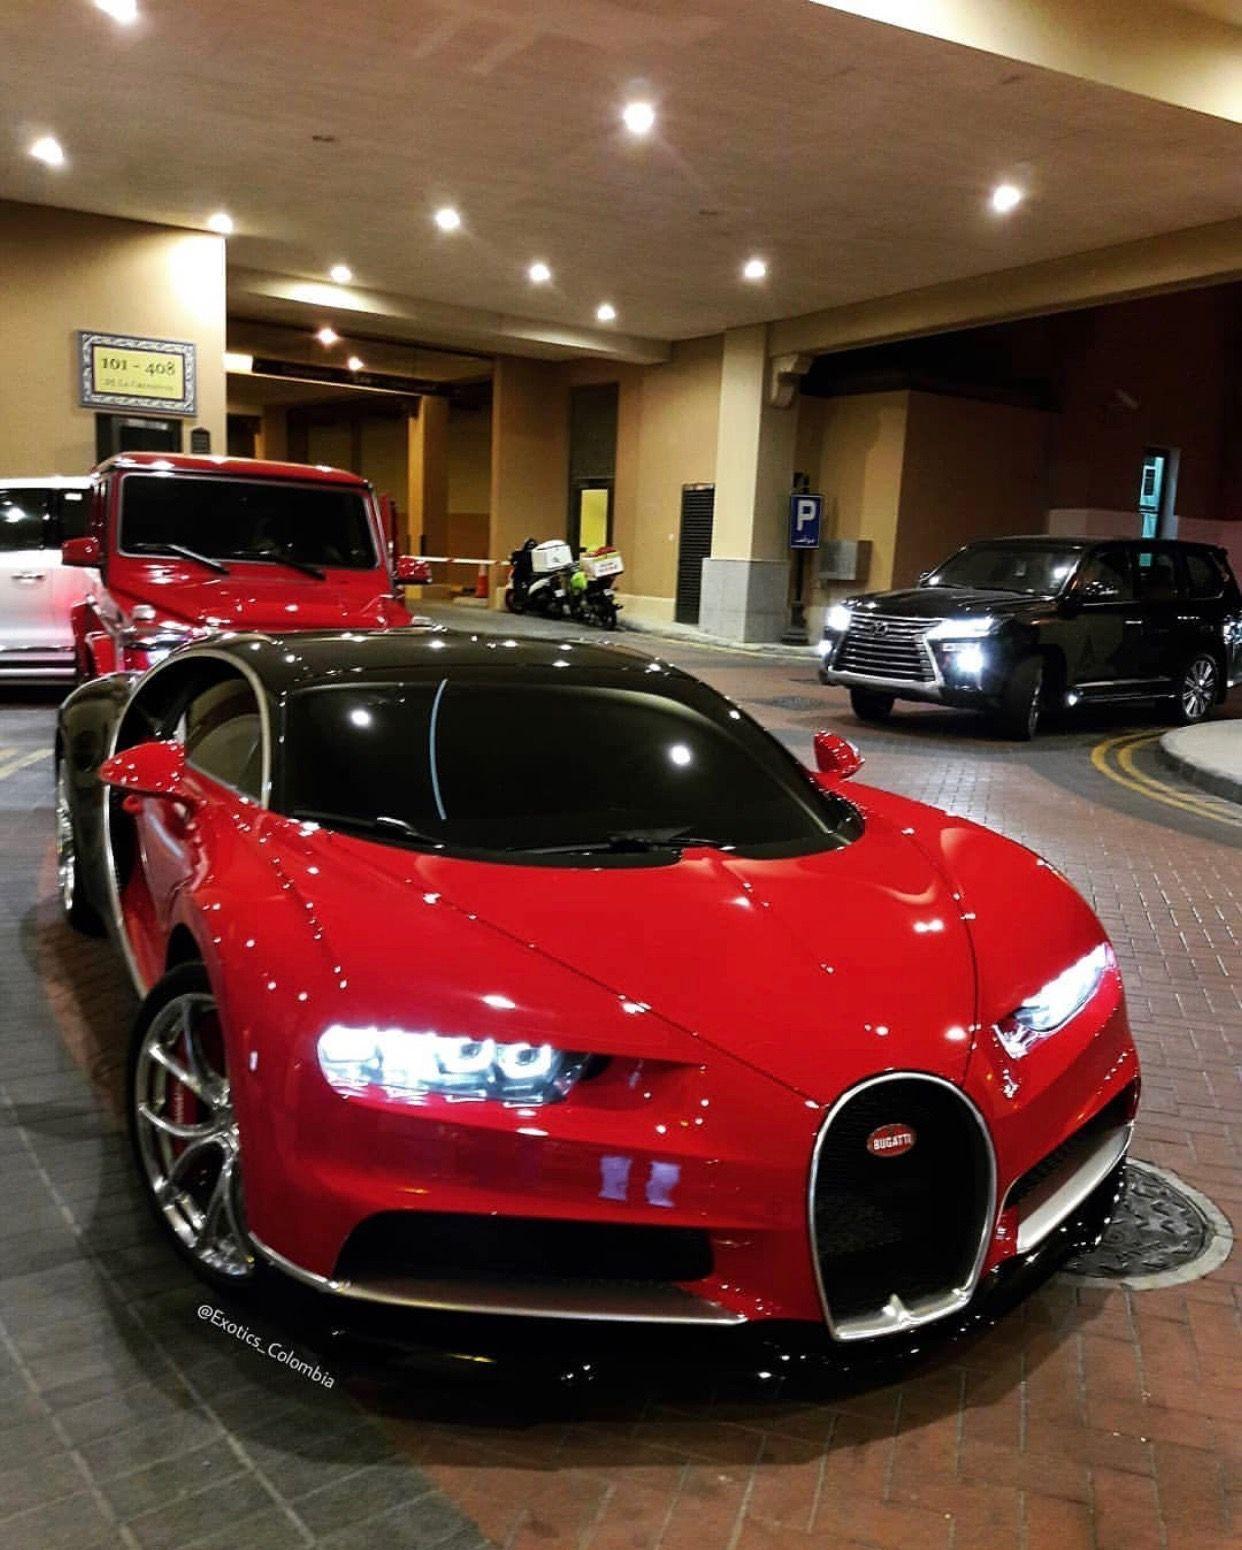 Black Bugatti: Bugatti Chiron Painted In Red & Black W/ Chrome Accents